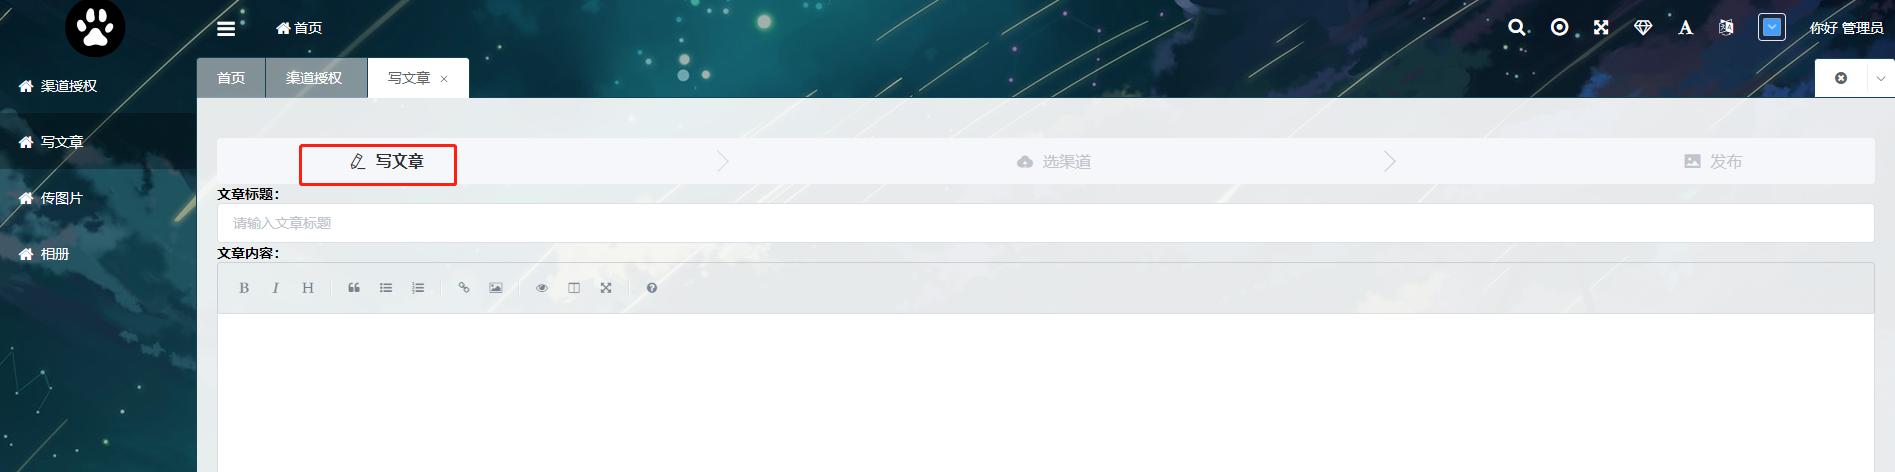 一键发布平台1.0.0-写文章.png